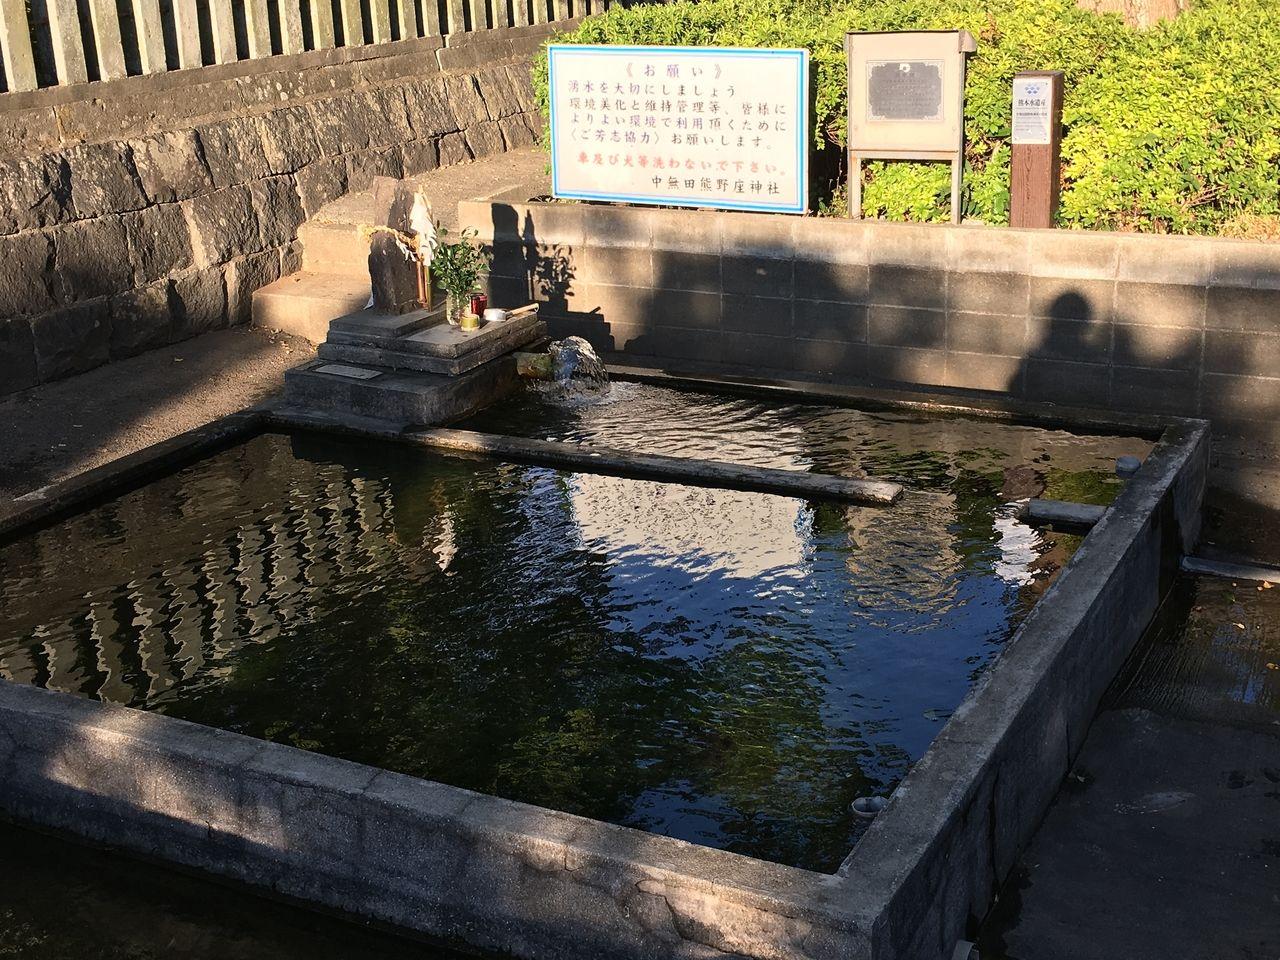 水神様のお祭りされた水汲み場